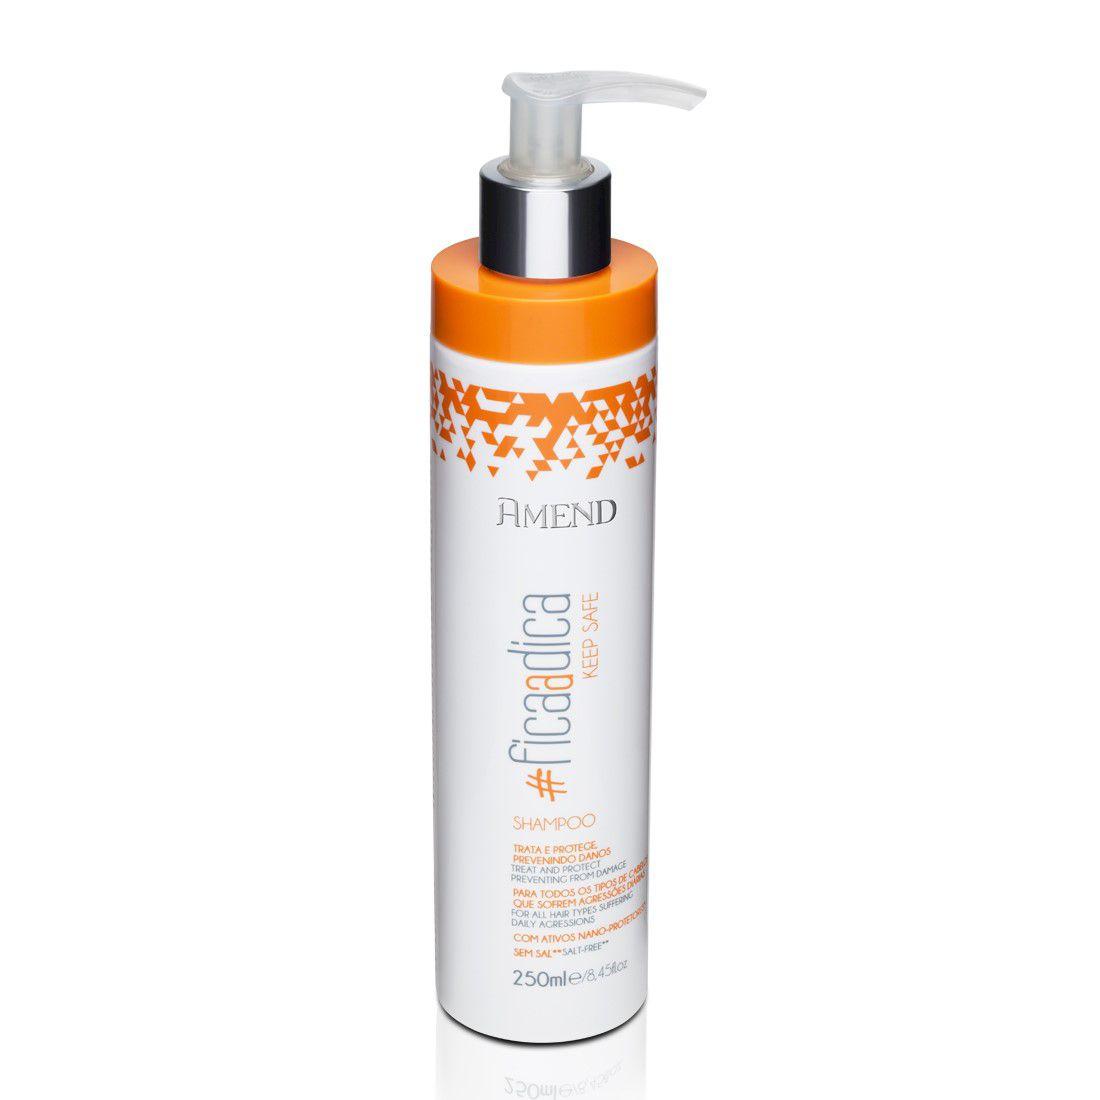 Amend Shampoo #FicaADica Keep Safe 250mL